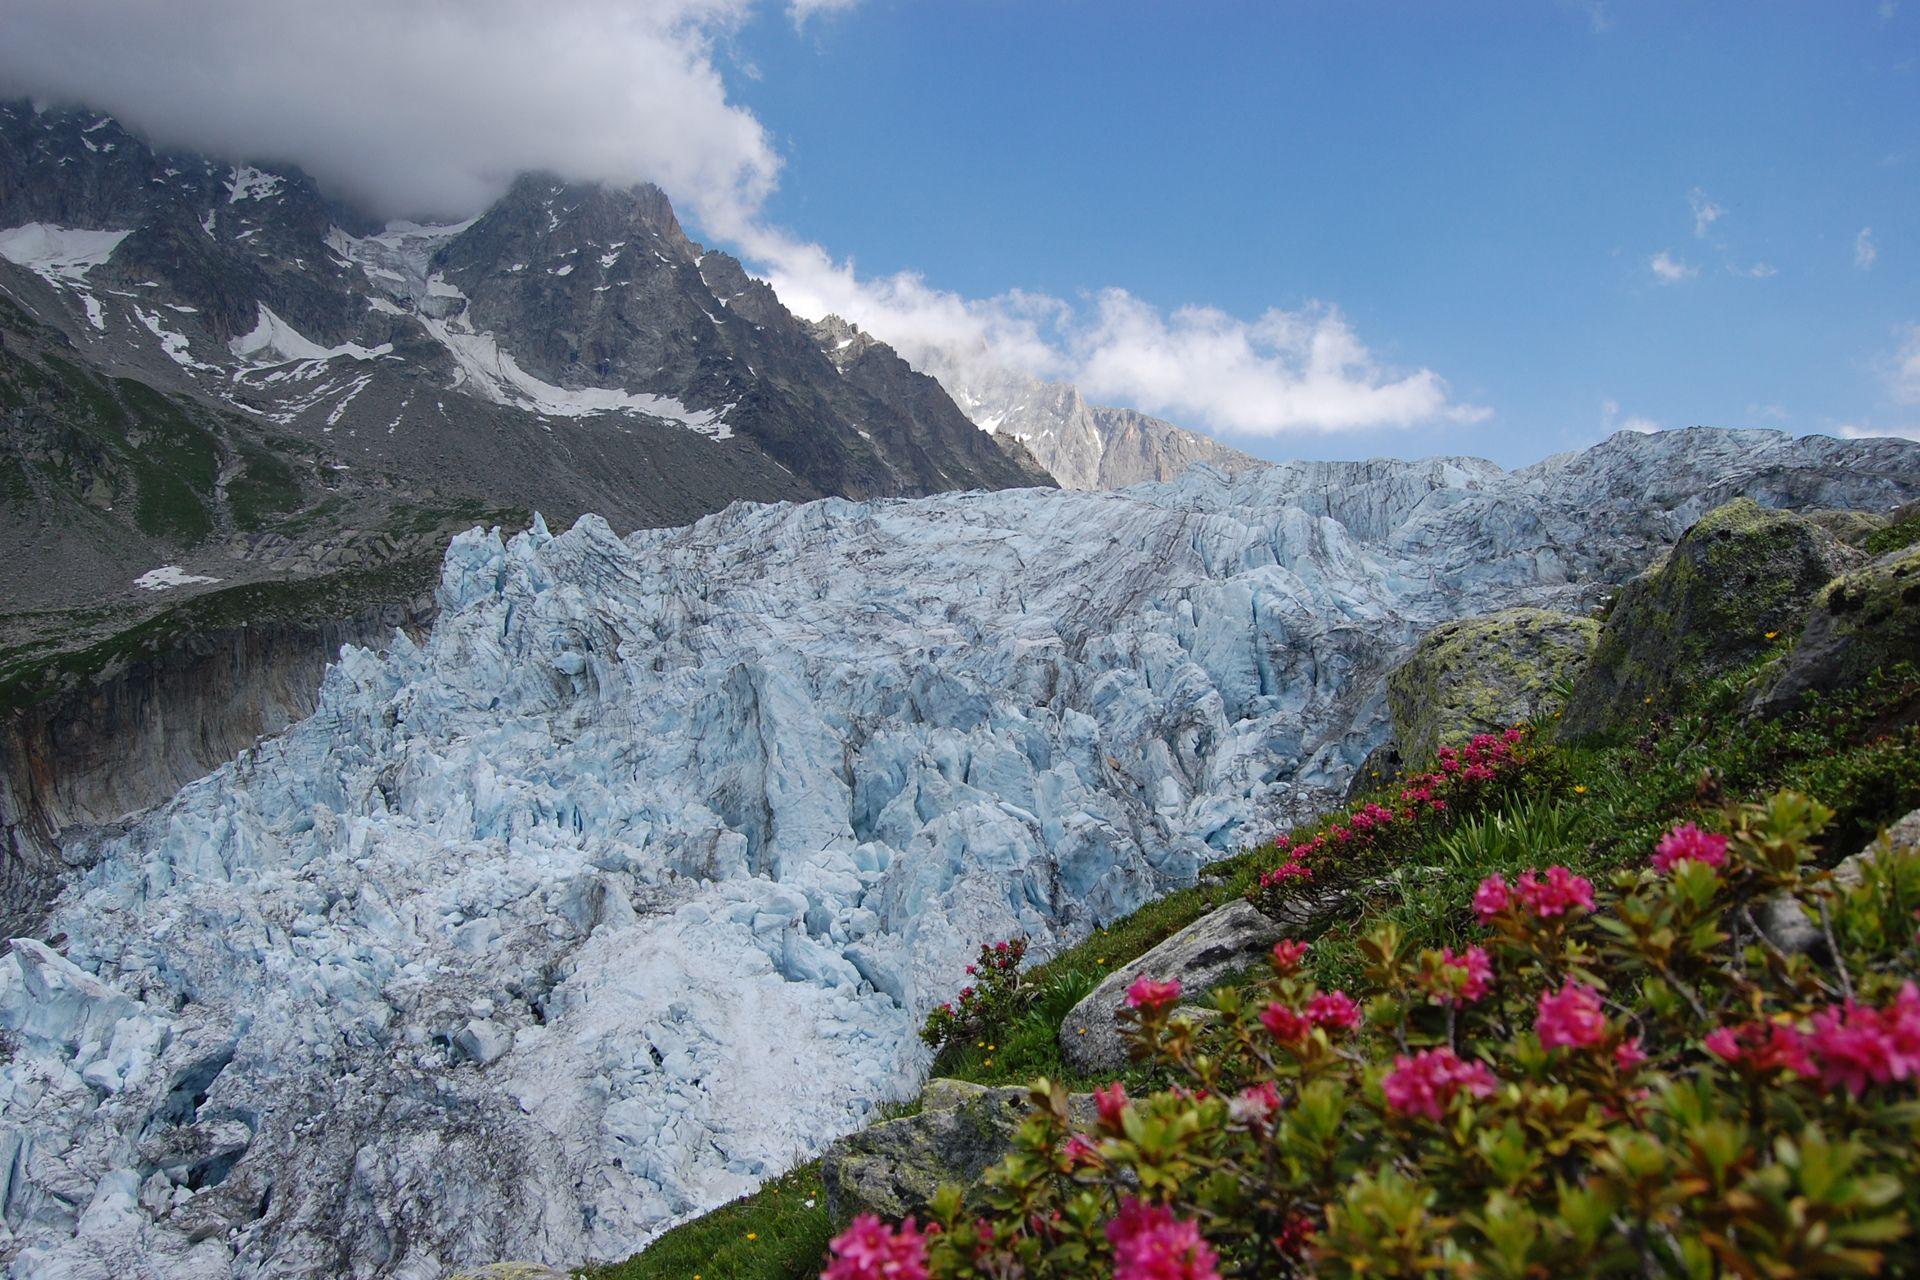 terre nature glacier printemps alps montagne nuage fleur fond d 39 cran paysages et nature. Black Bedroom Furniture Sets. Home Design Ideas